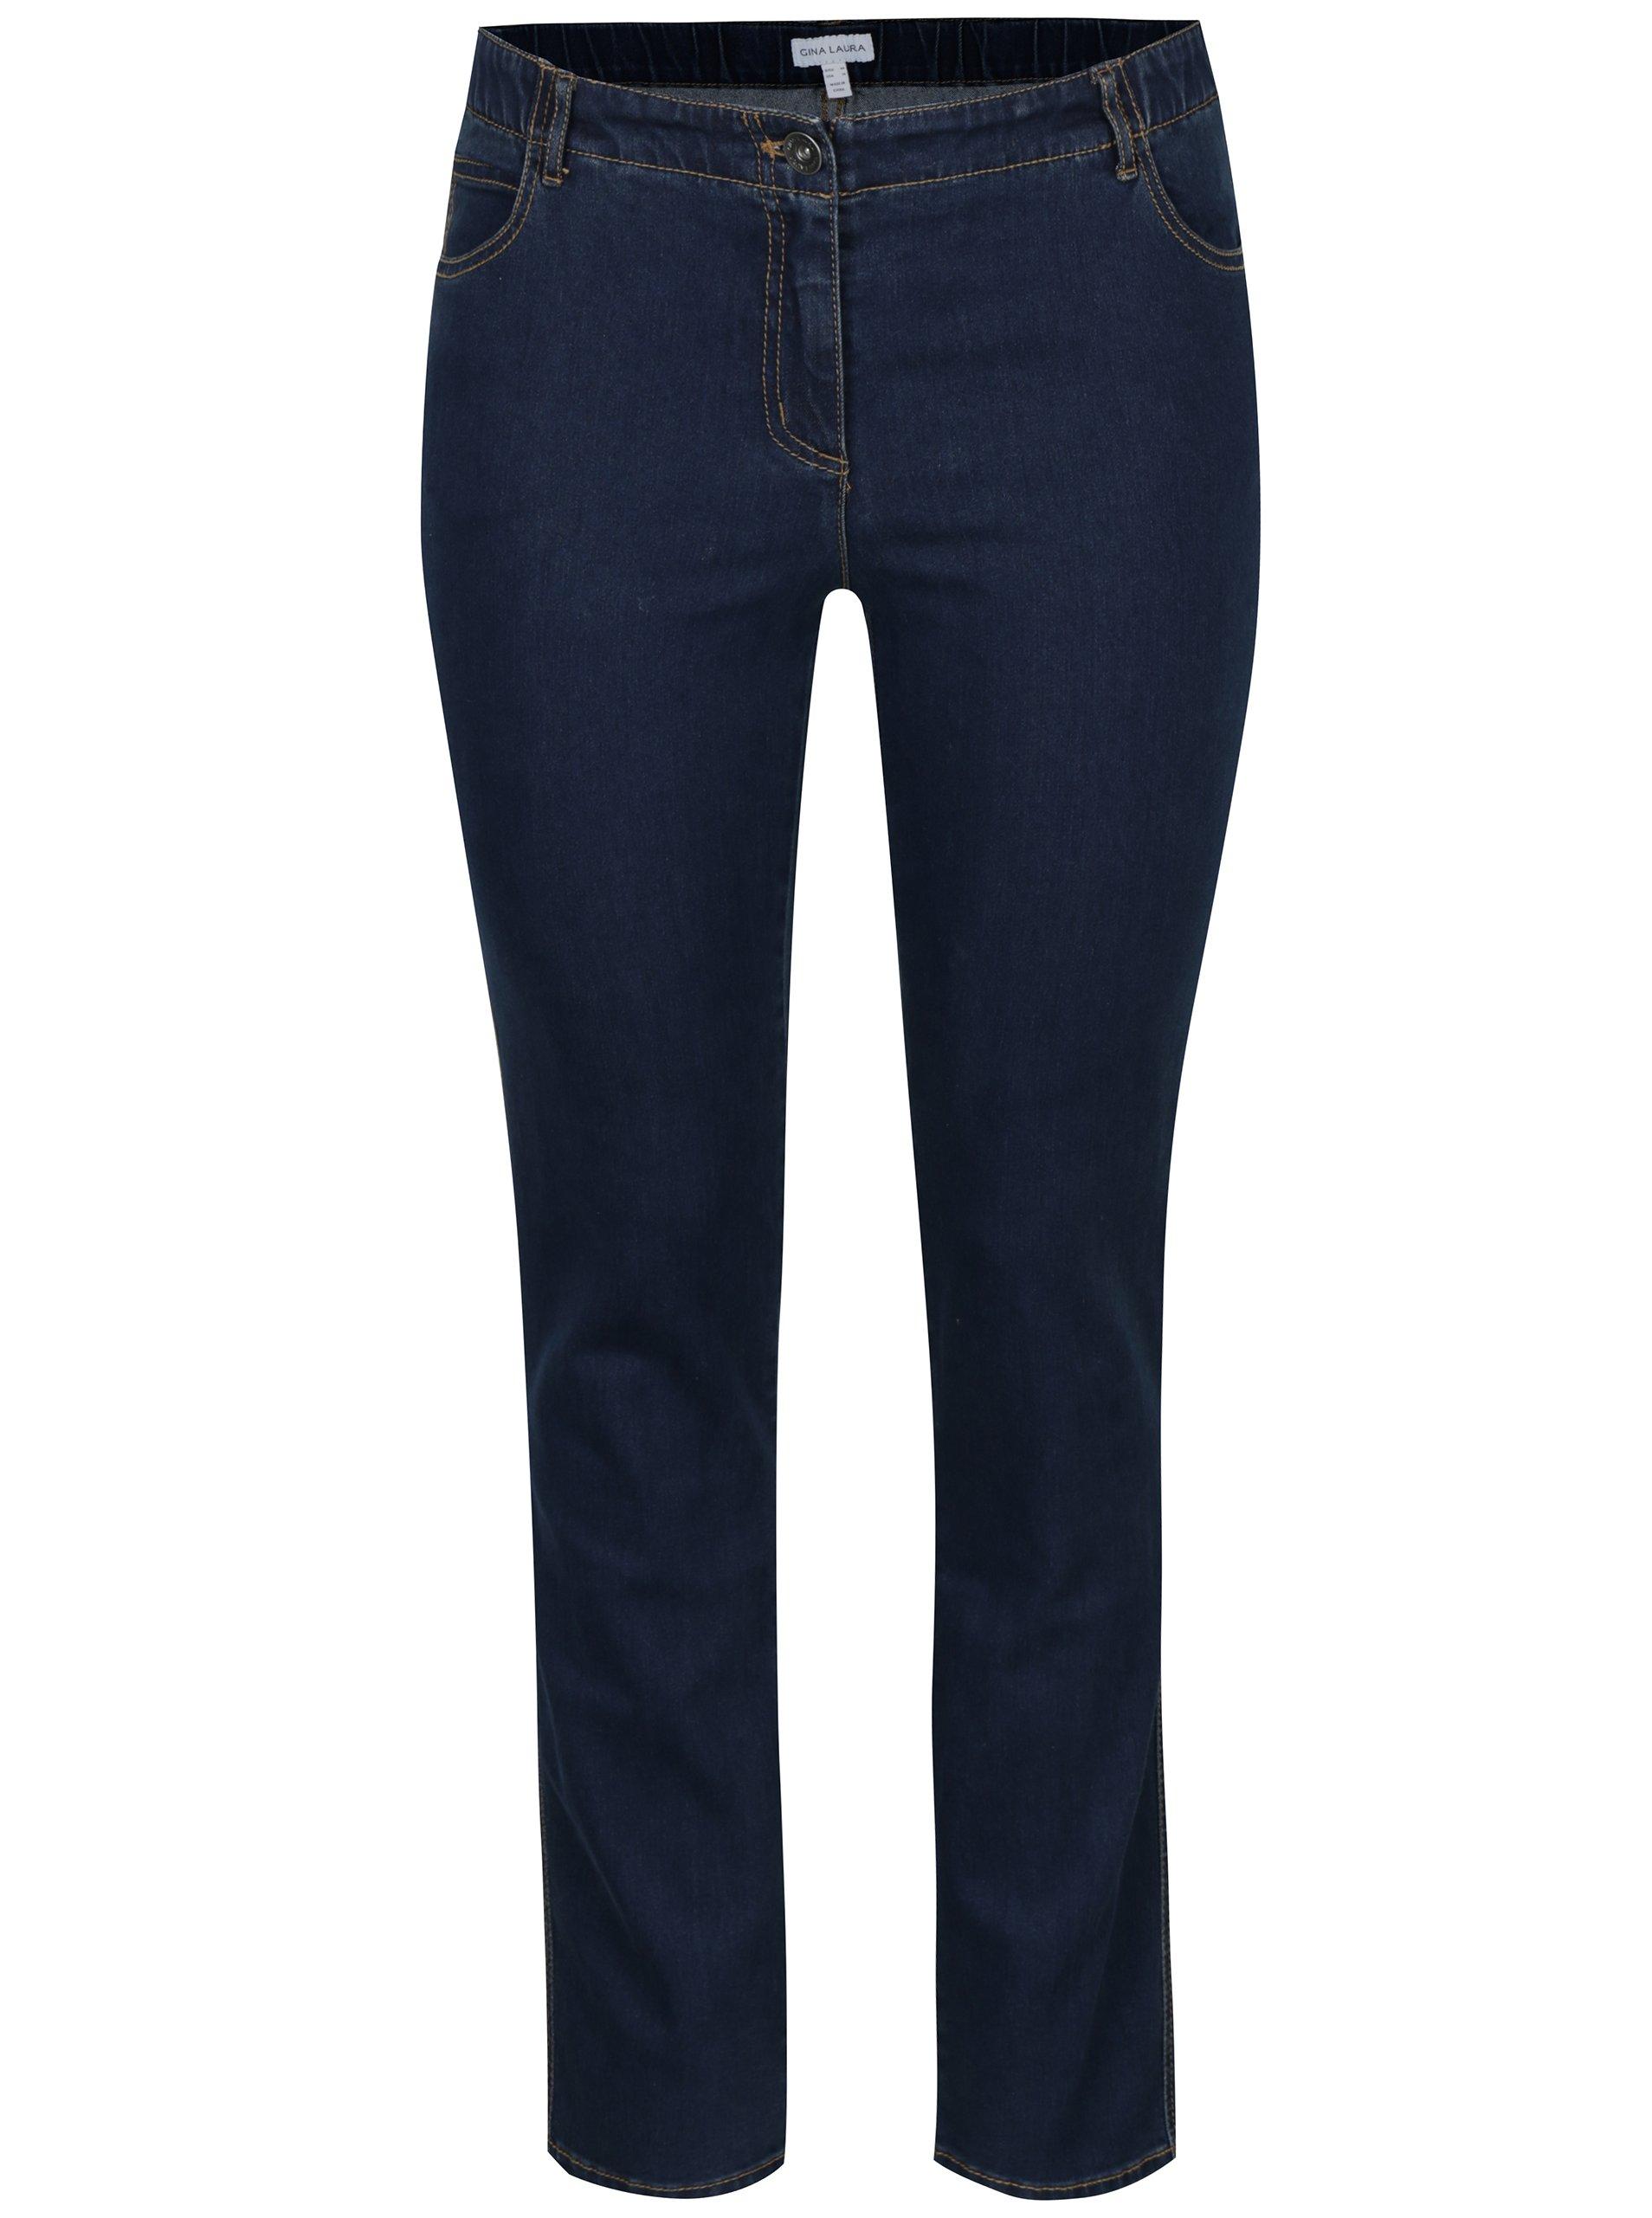 Tmavě modré slim džíny s pružným pasem Gina Laura